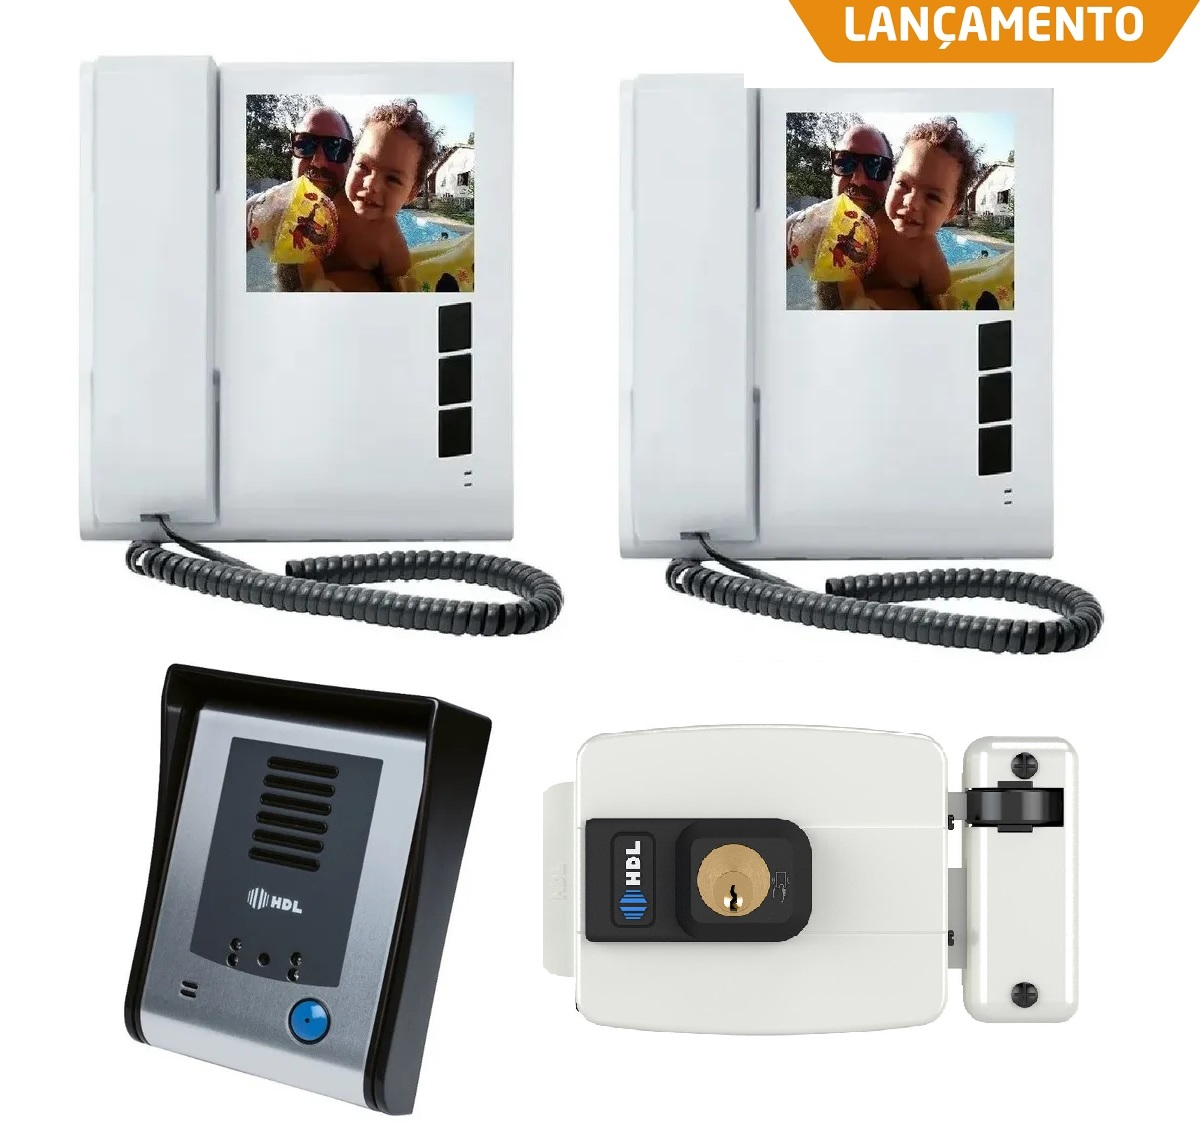 Kit Vídeo Porteiro HDL Sense Classic S Colorido Com 2 Monitores e Fechadura